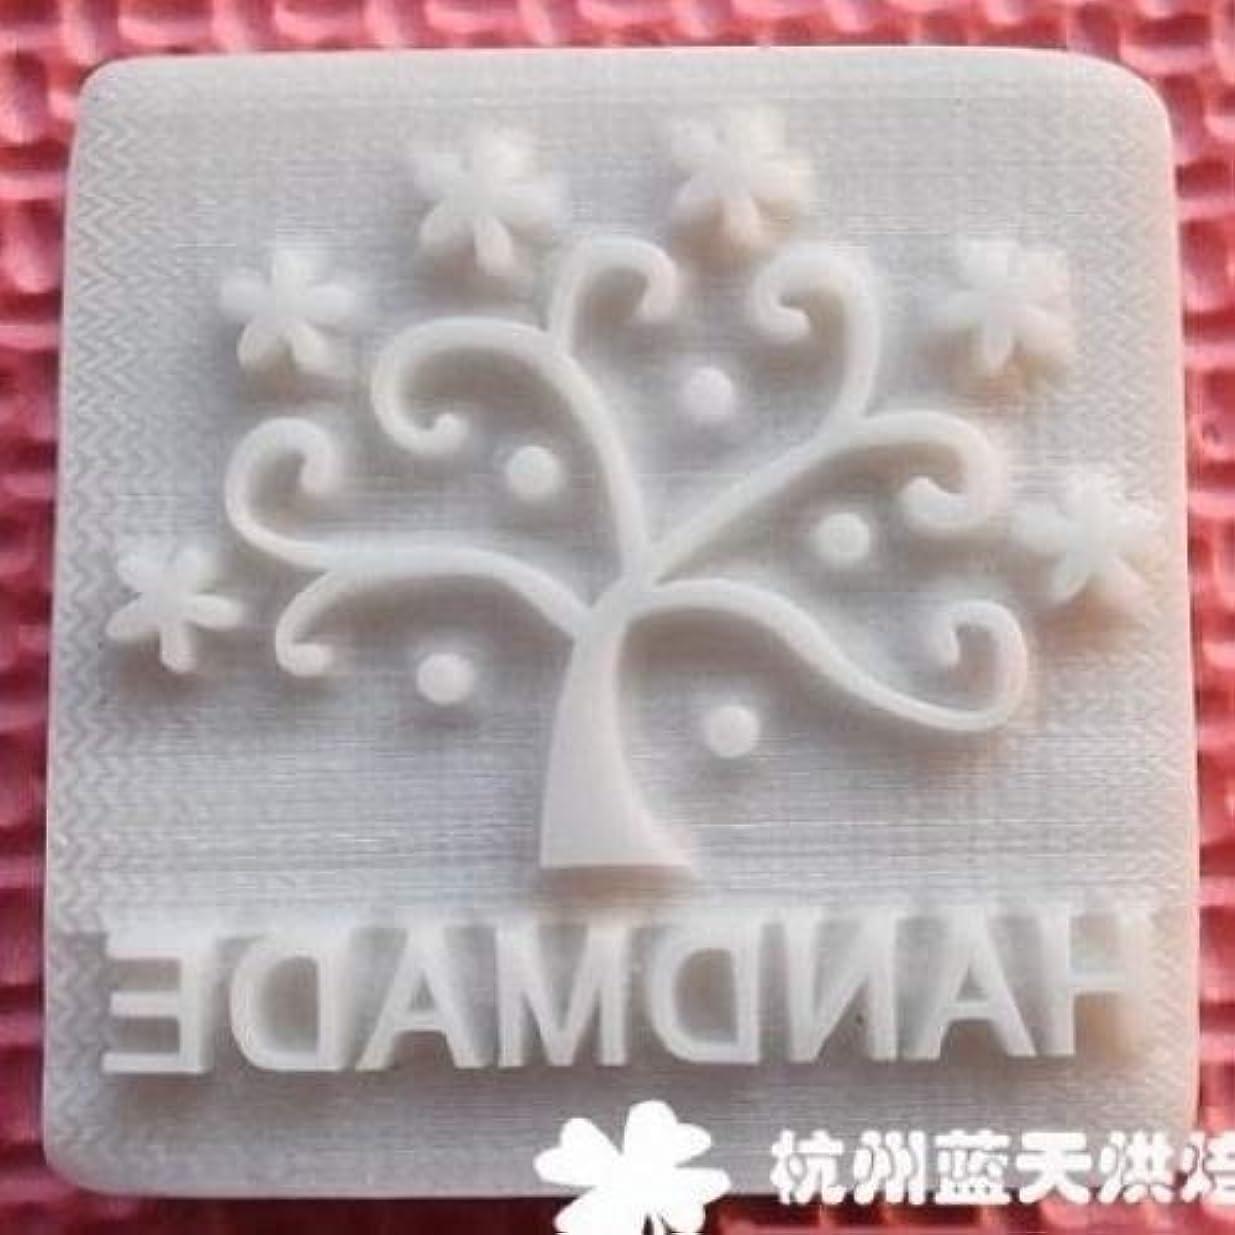 寄生虫菊アジアラッキーツリーパターンミニDIYソープスタンプシャプターシール5 * 5センチ、1個。アレナショップ